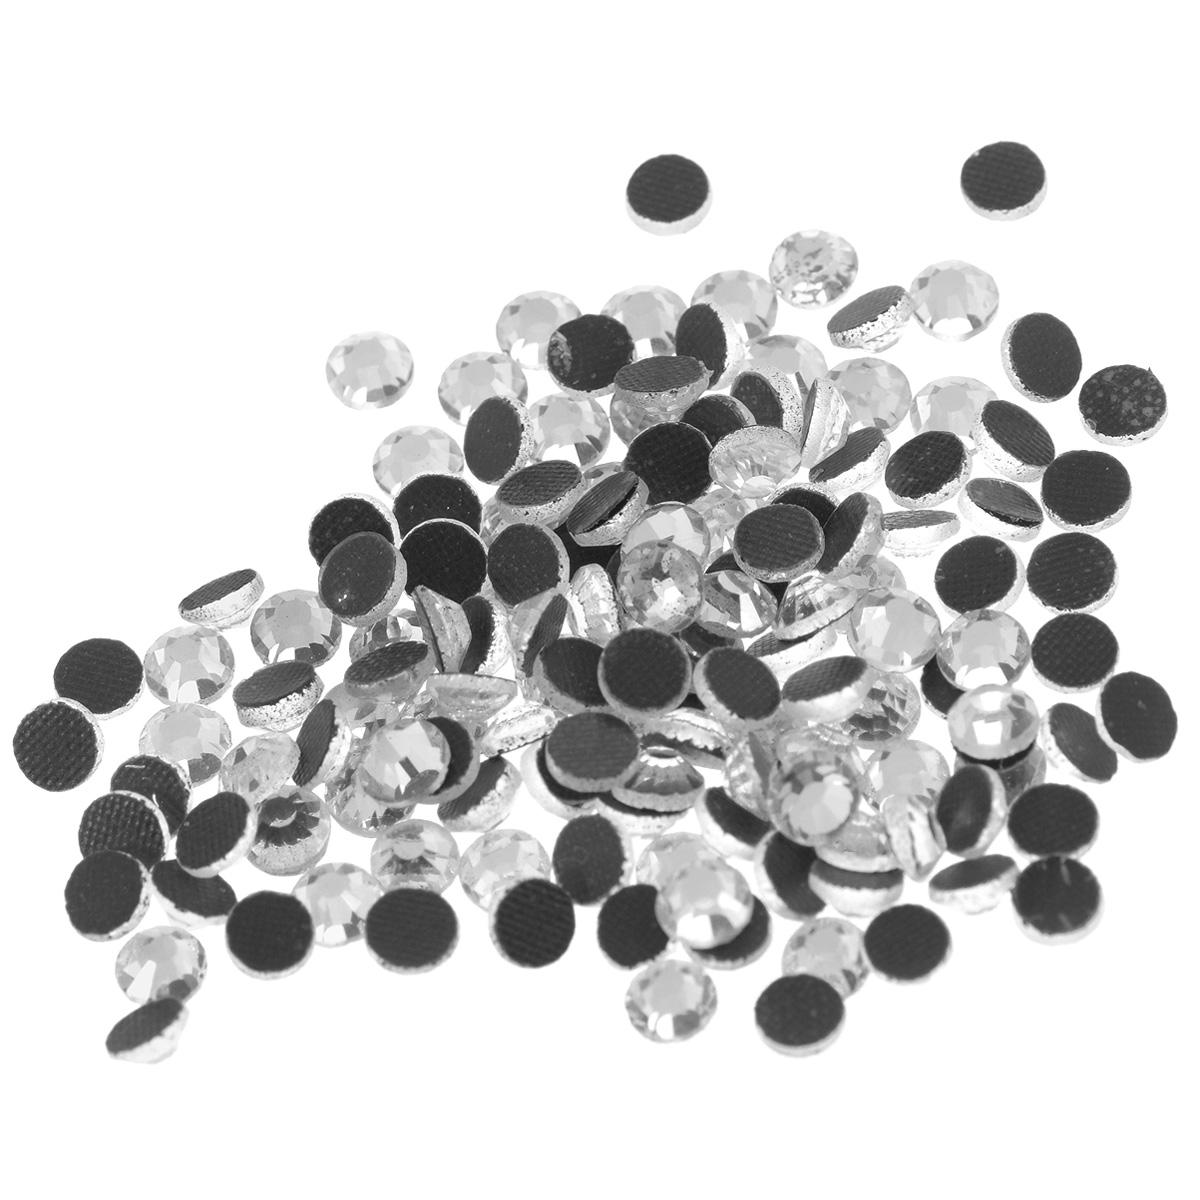 Стразы термоклеевые Cristal, цвет: белый (001), диаметр 4 мм, 144 шт7706832_001Набор термоклеевых страз Cristal, изготовленный из высококачественного акрила, позволит вам украсить одежду, аксессуары или текстиль. Яркие стразы имеют плоское дно и круглую поверхность с гранями.Дно термоклеевых страз уже обработано особым клеем, который под воздействием высоких температур начинает плавиться, приклеиваясь, таким образом, к требуемой поверхности. Чаще всего их используют в текстильной промышленности: стразы прикладывают к ткани и проглаживают утюгом с обратной стороны. Также можно использовать специальный паяльник. Украшение стразами поможет сделать любую вещь оригинальной и неповторимой. Диаметр стразы: 4 мм.